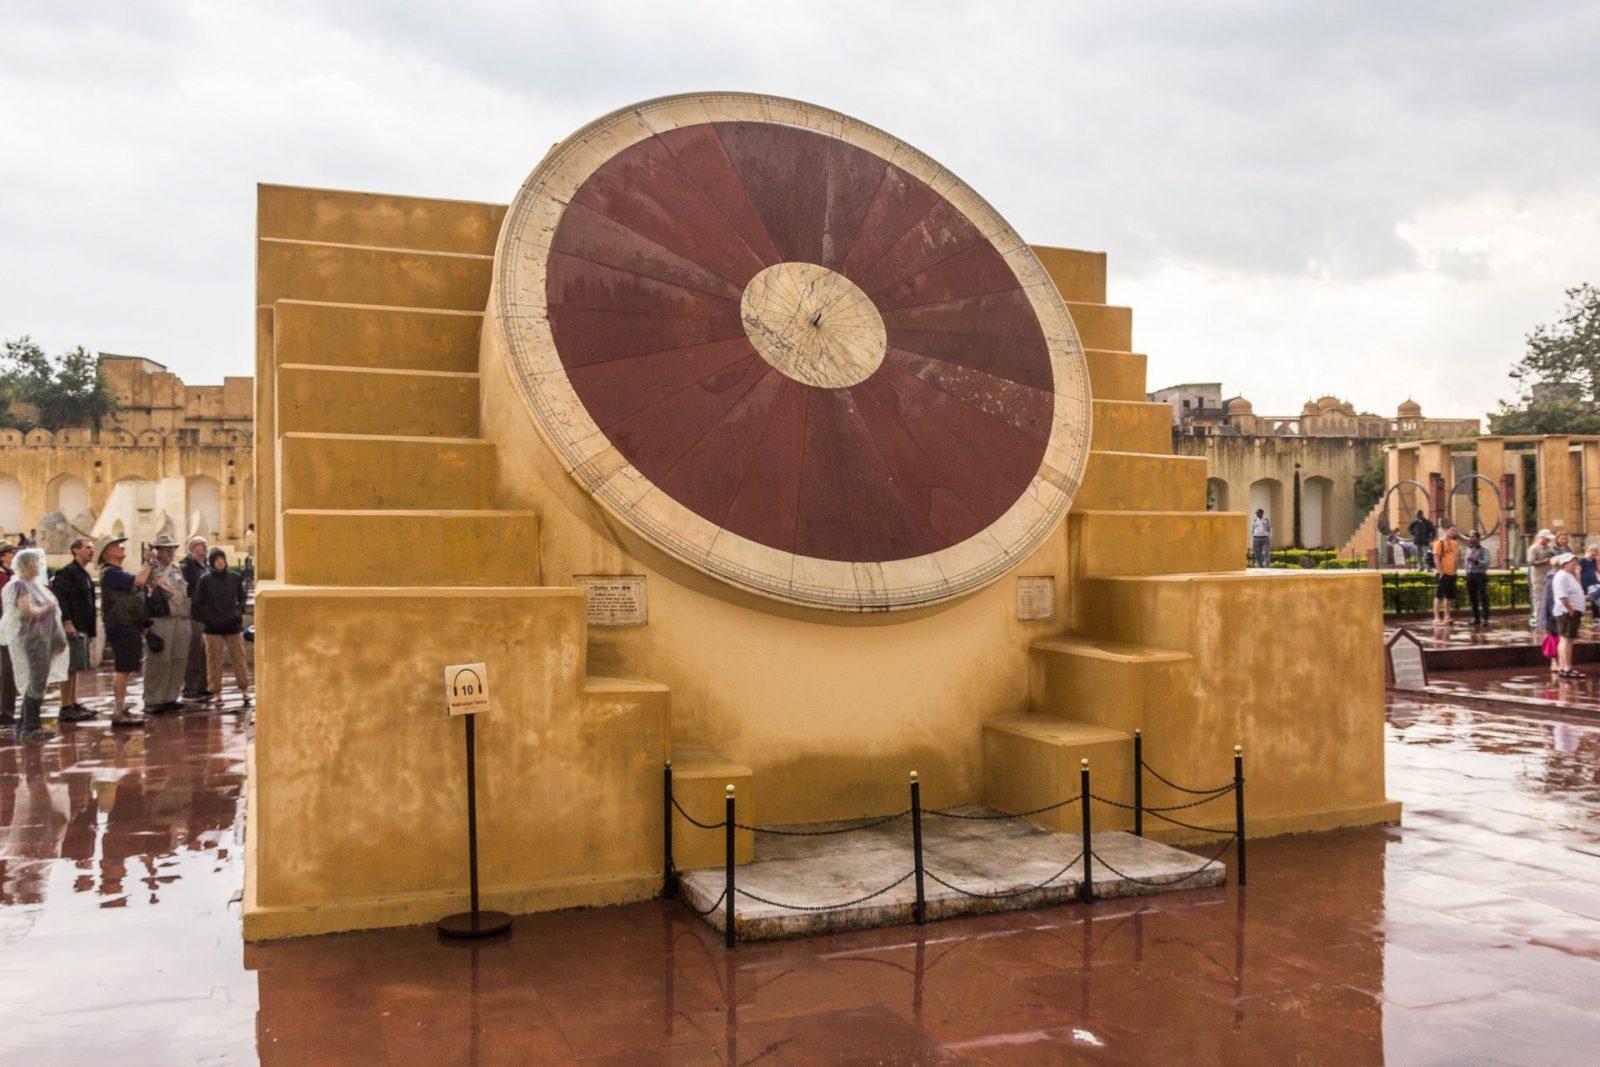 Nadi Valaya Yantra – dvojice slunečních hodin, každá z opačné strany stavby, jedna reprezentuje severní a druhá jižní polokouli. Odchylka měření těchto hodin je menší než jedna minuta.